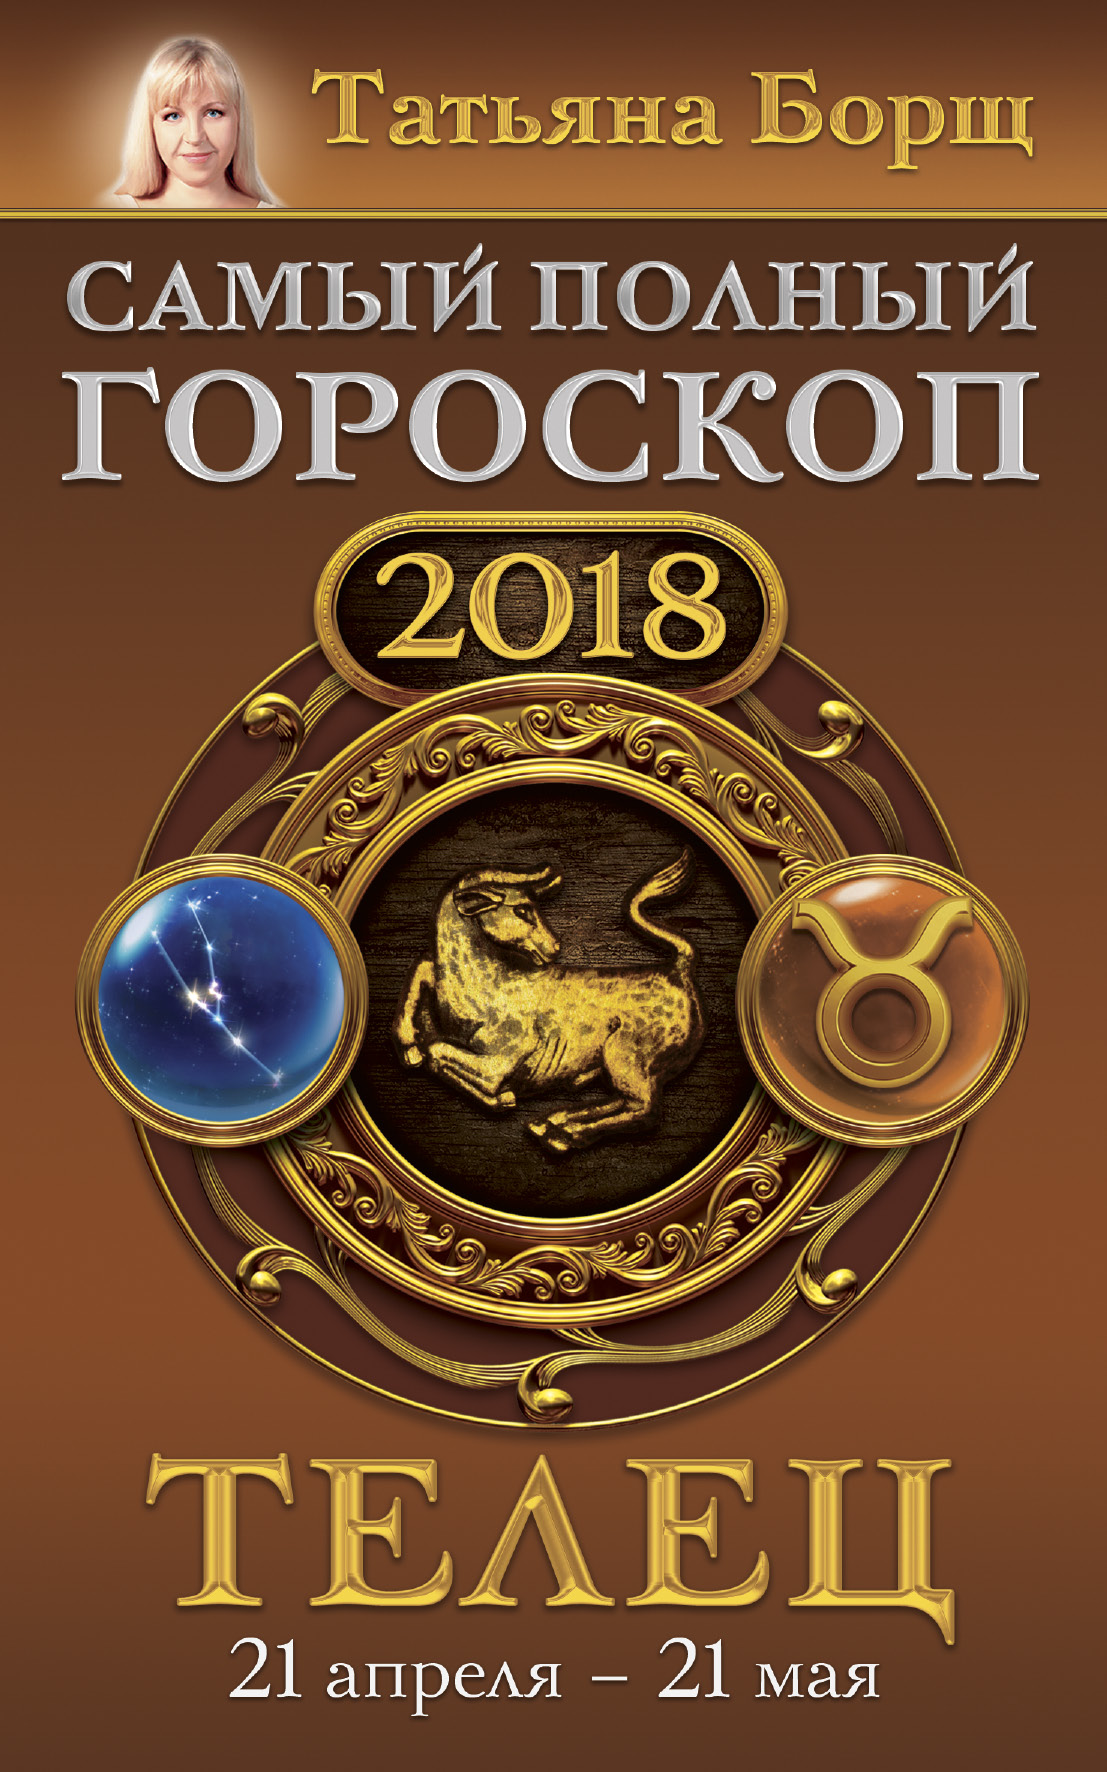 Телец. Самый полный гороскоп на 2018 год. 21 апреля - 21 мая